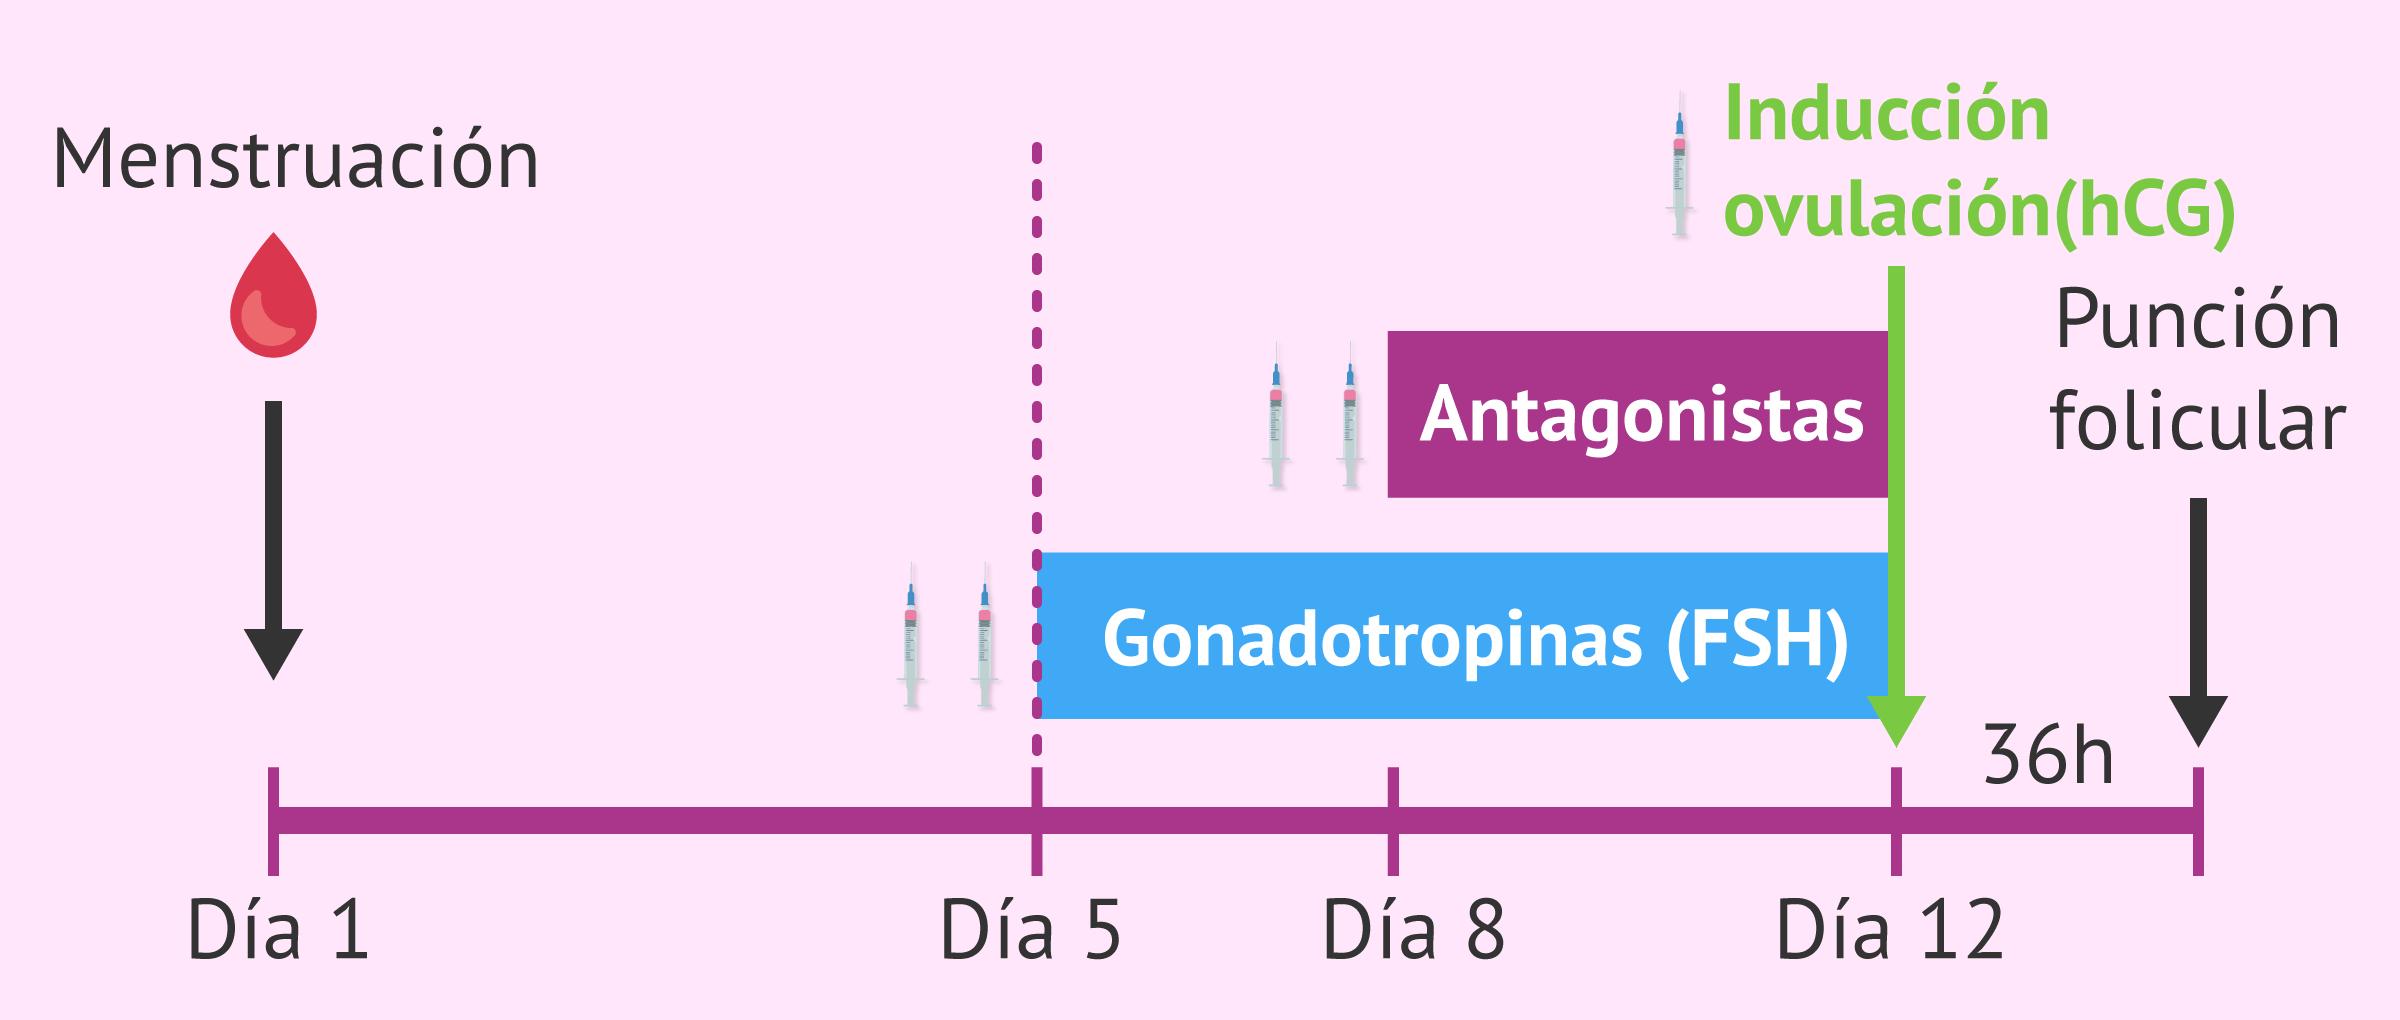 Protocolo de estimulación ovárica en Mini-FIV